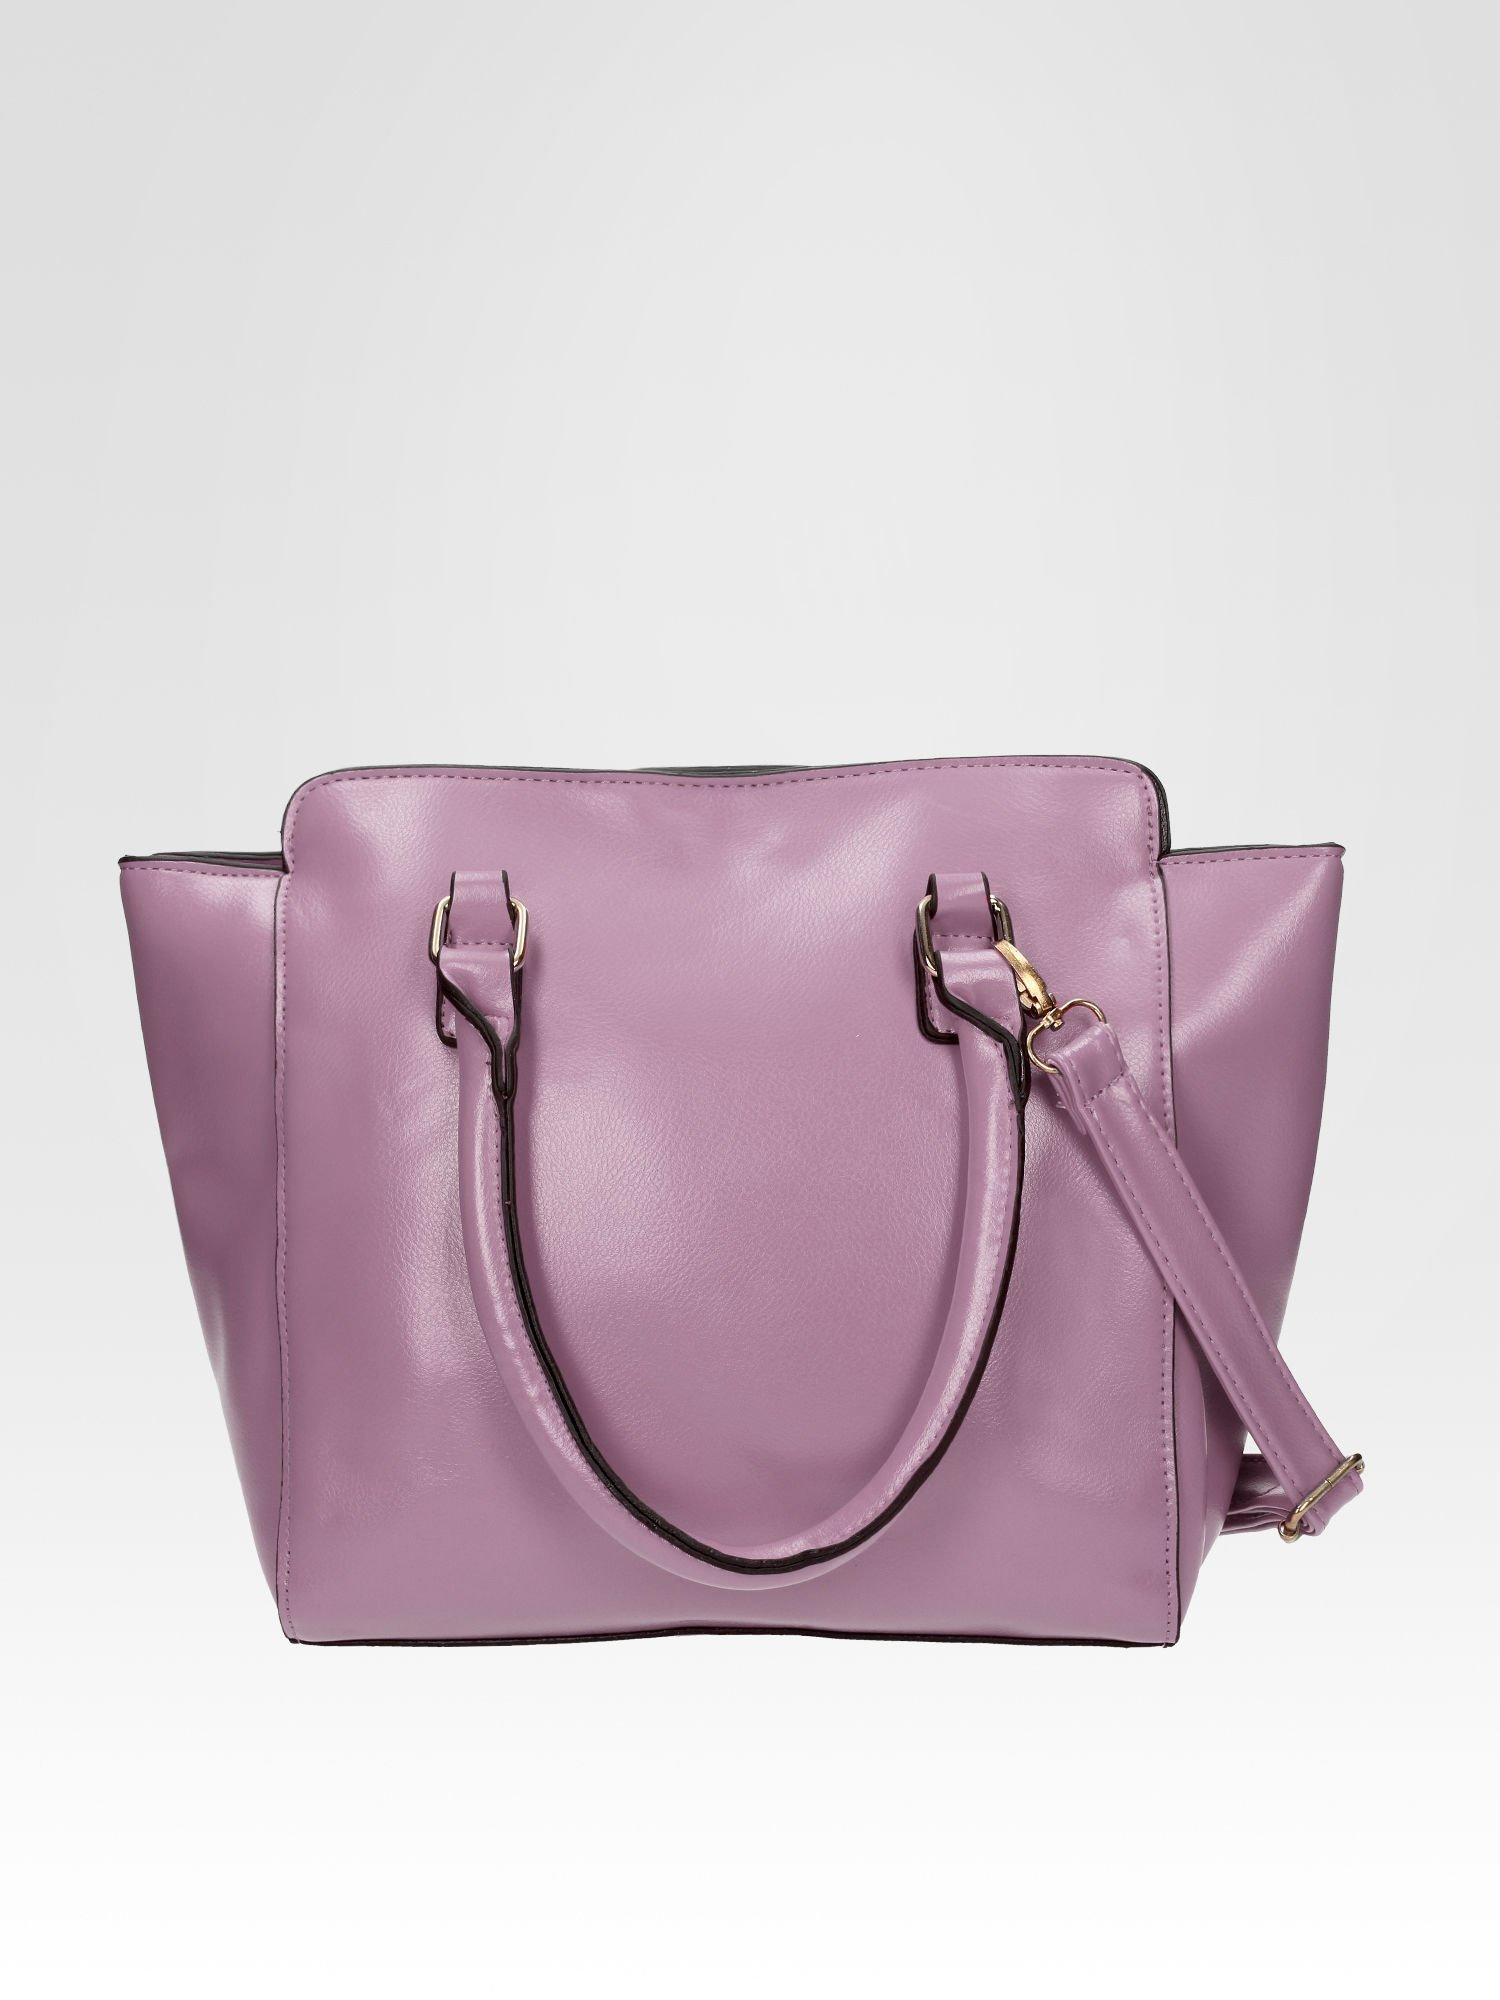 Fioletowa torebka na ramię z dżetami                                  zdj.                                  3